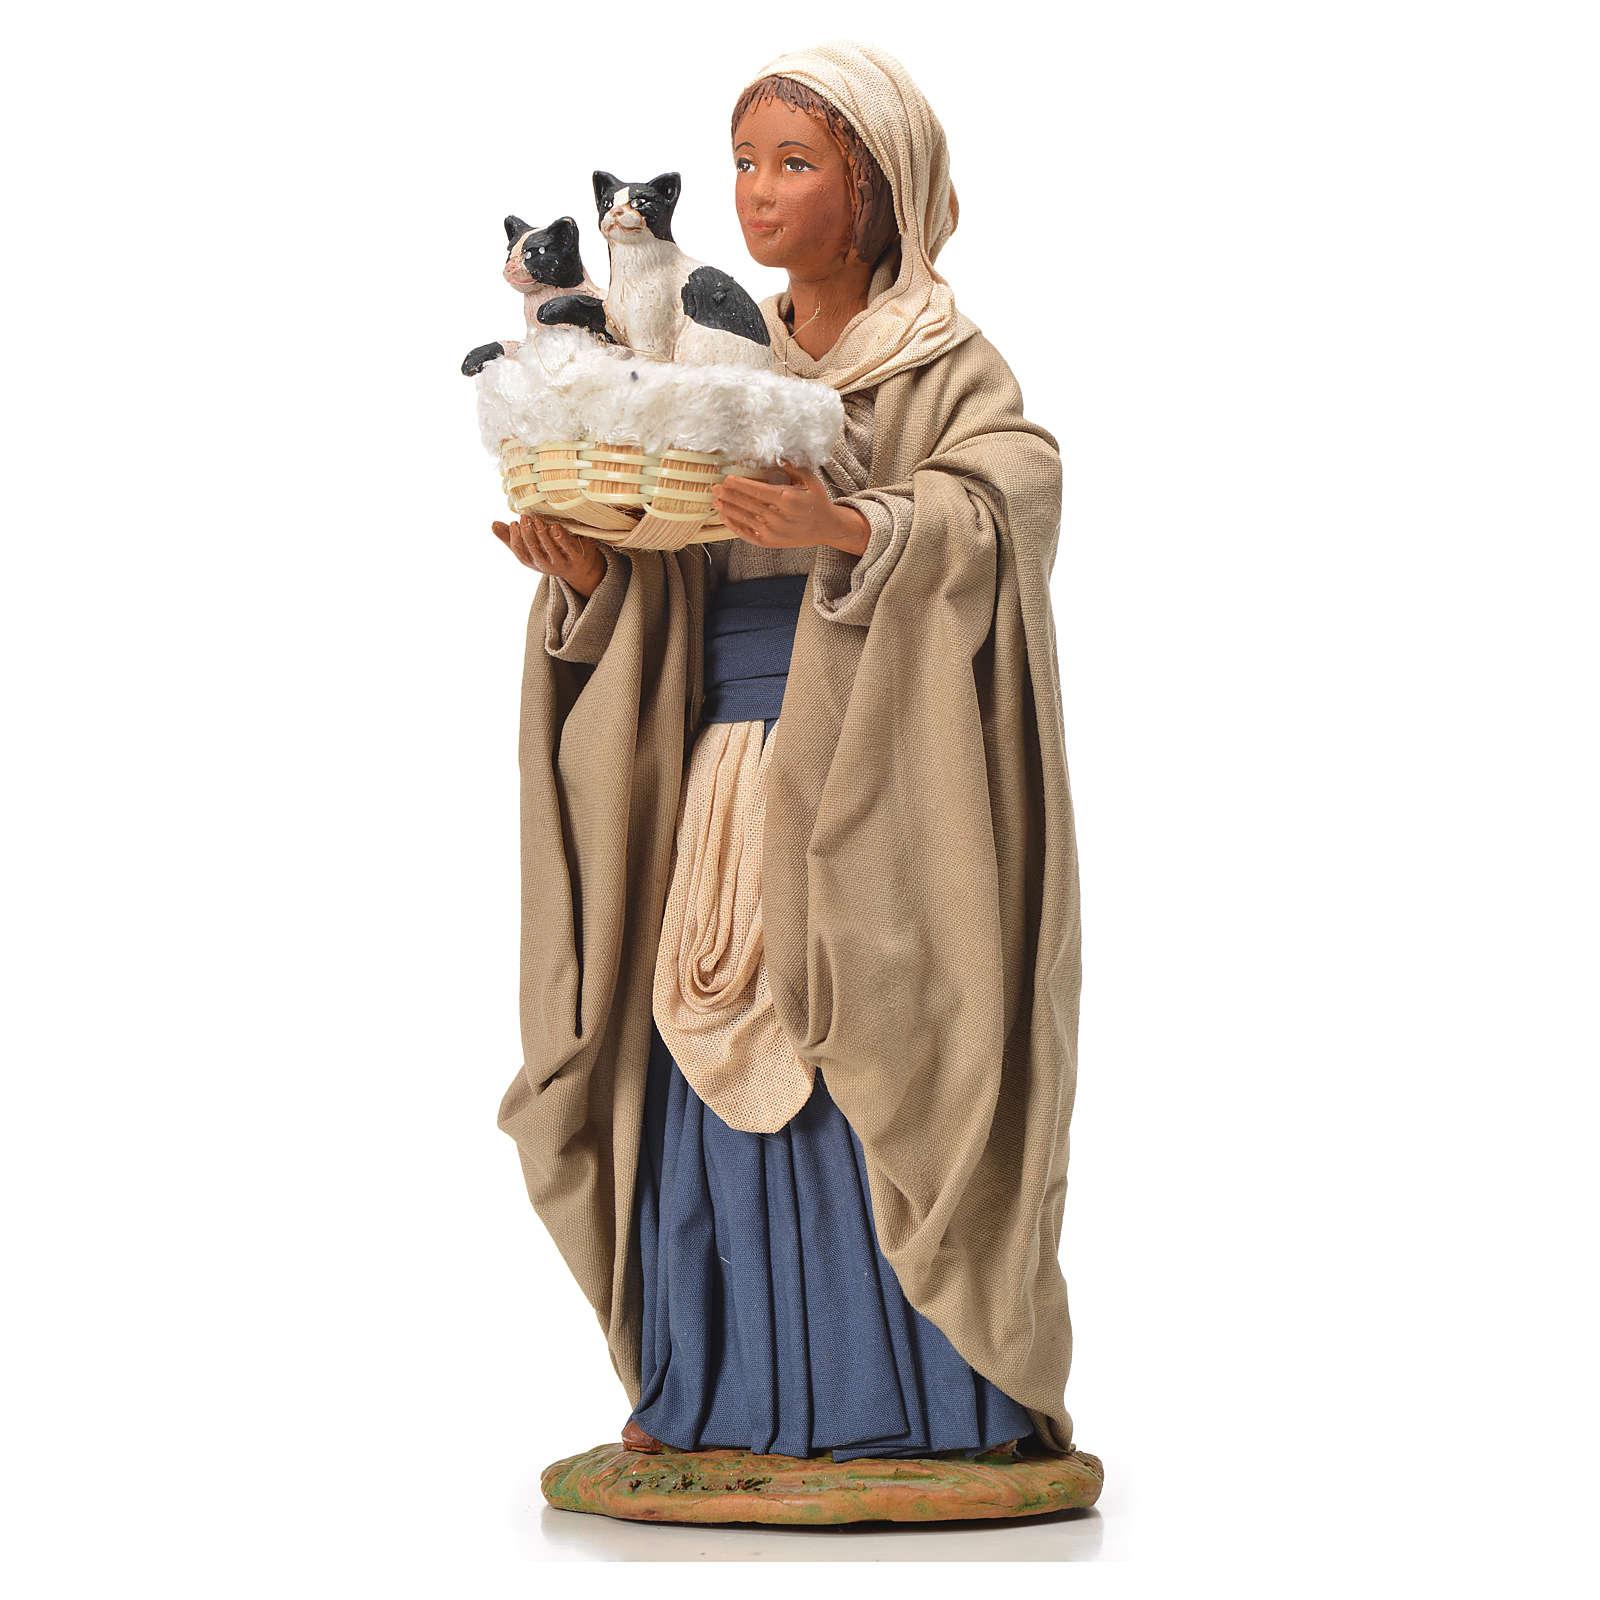 Donna cesto gatti 24 cm presepe napoletano 4